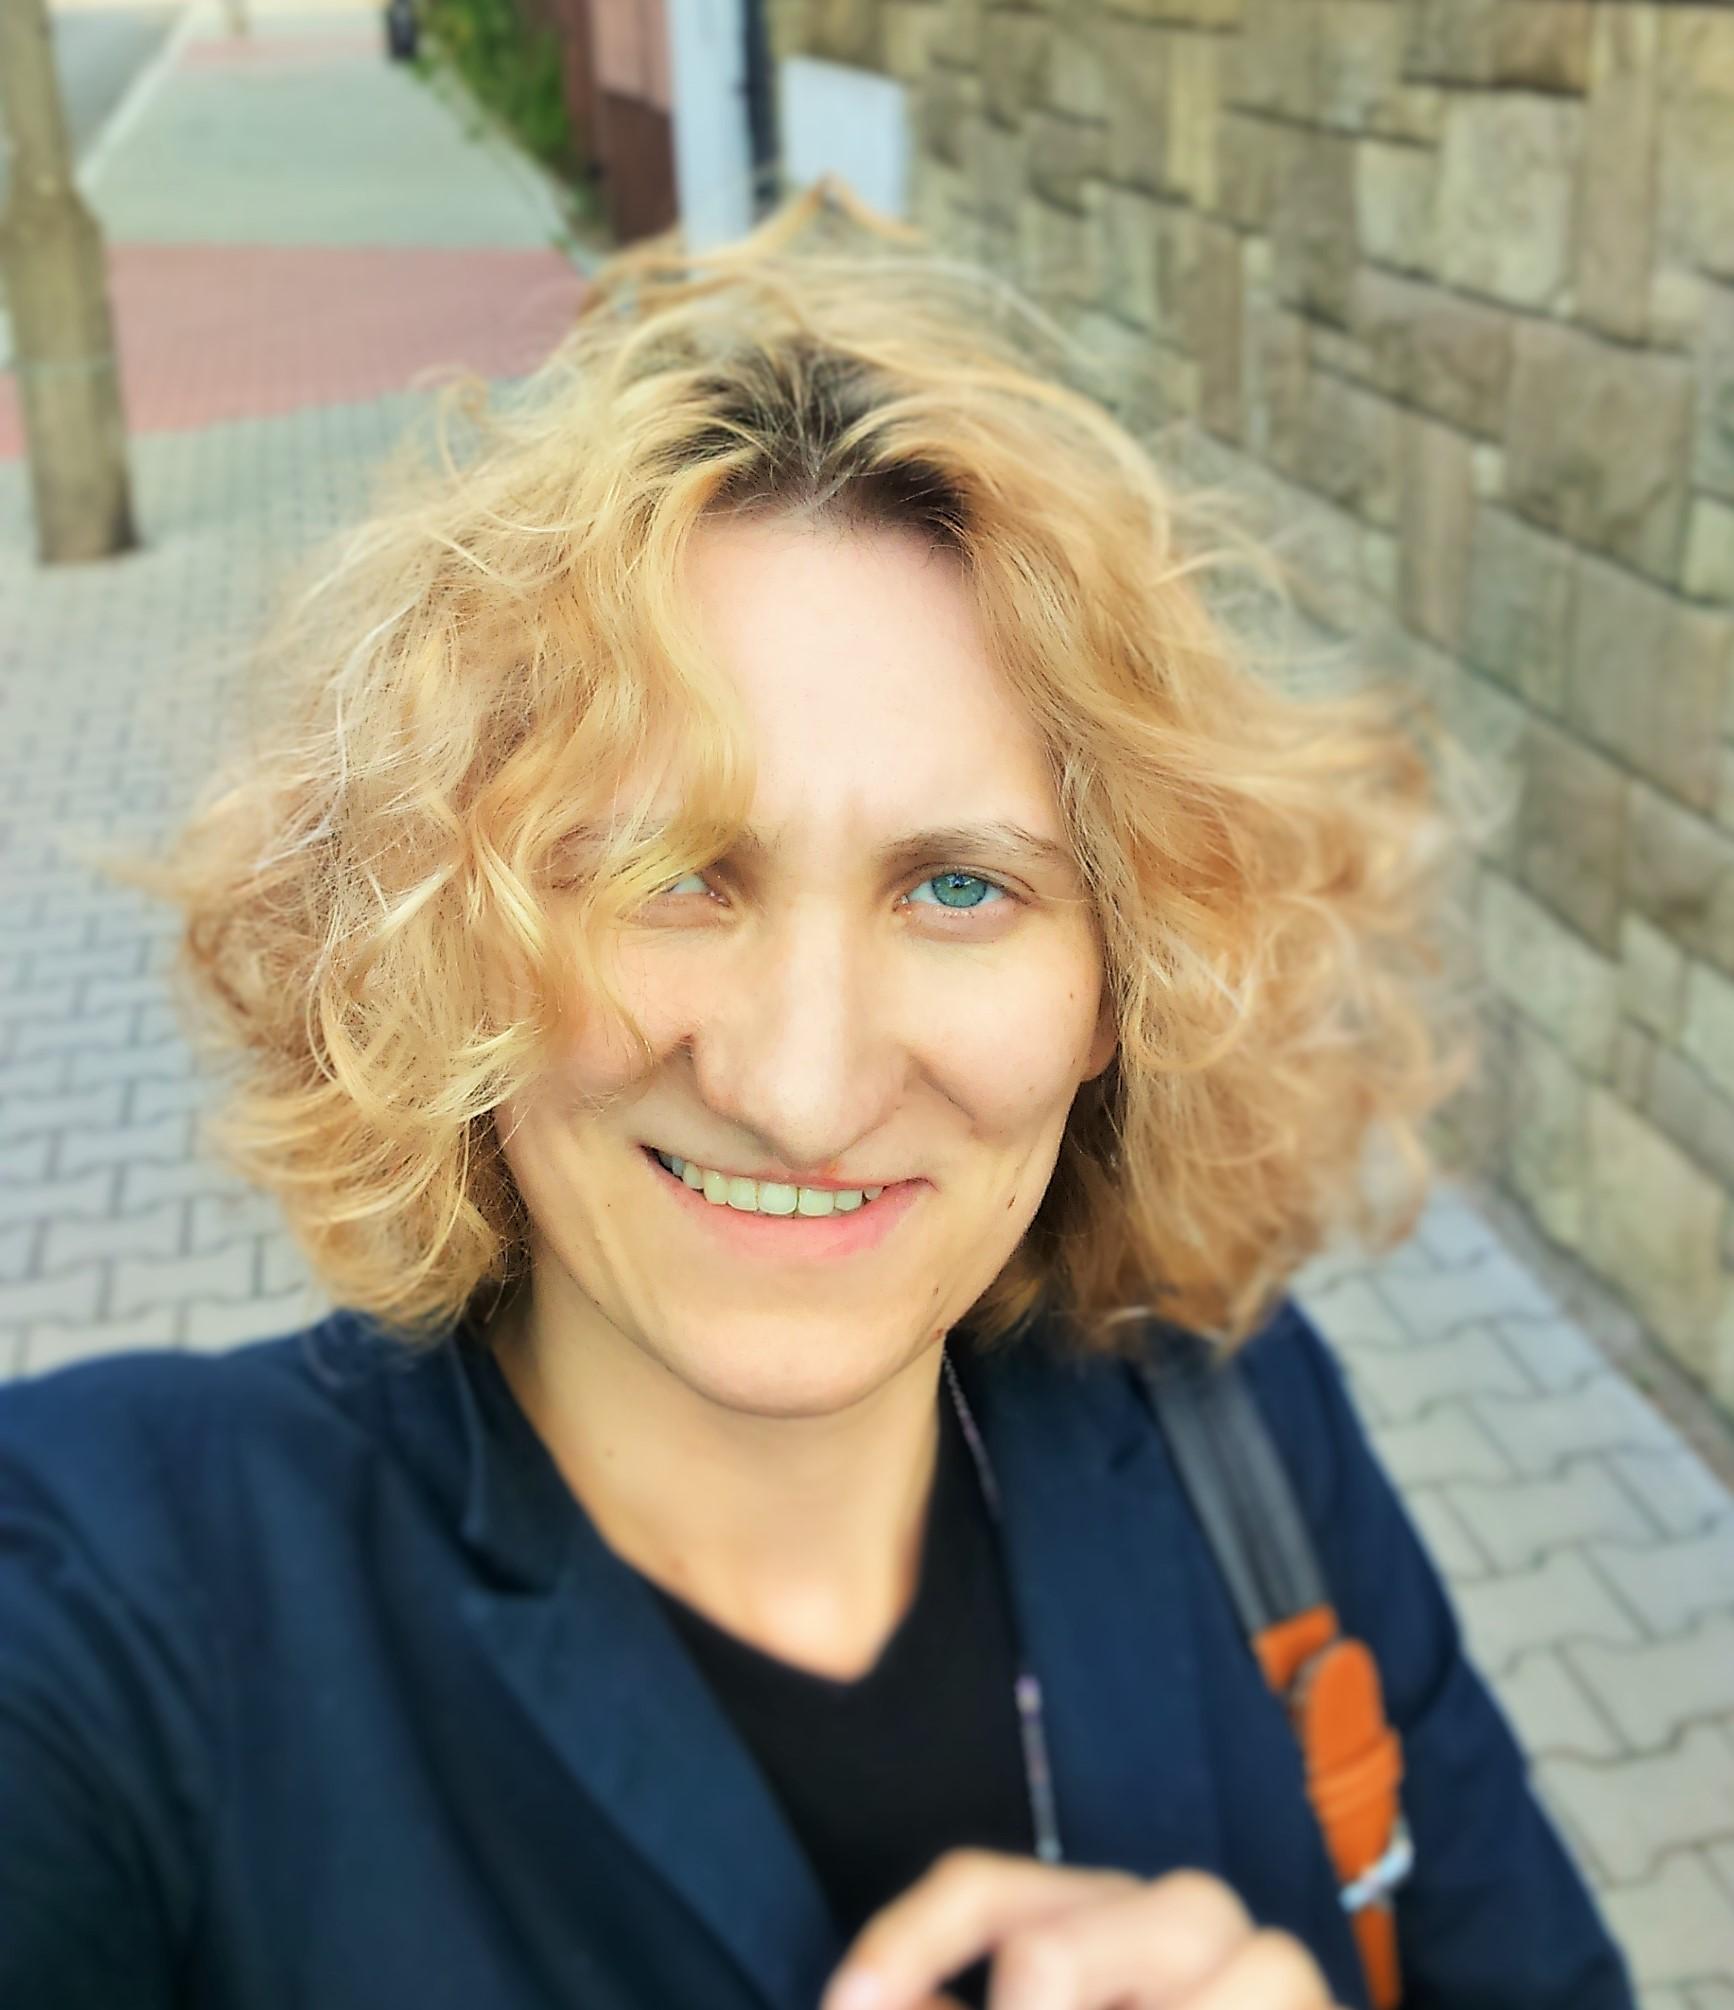 Zdęcie selfie Pani Anety, jest na nim bardzo uśmiechnięta, na twarz opada burza jasnych blond loków, ubrana jest w granatową marynarkę